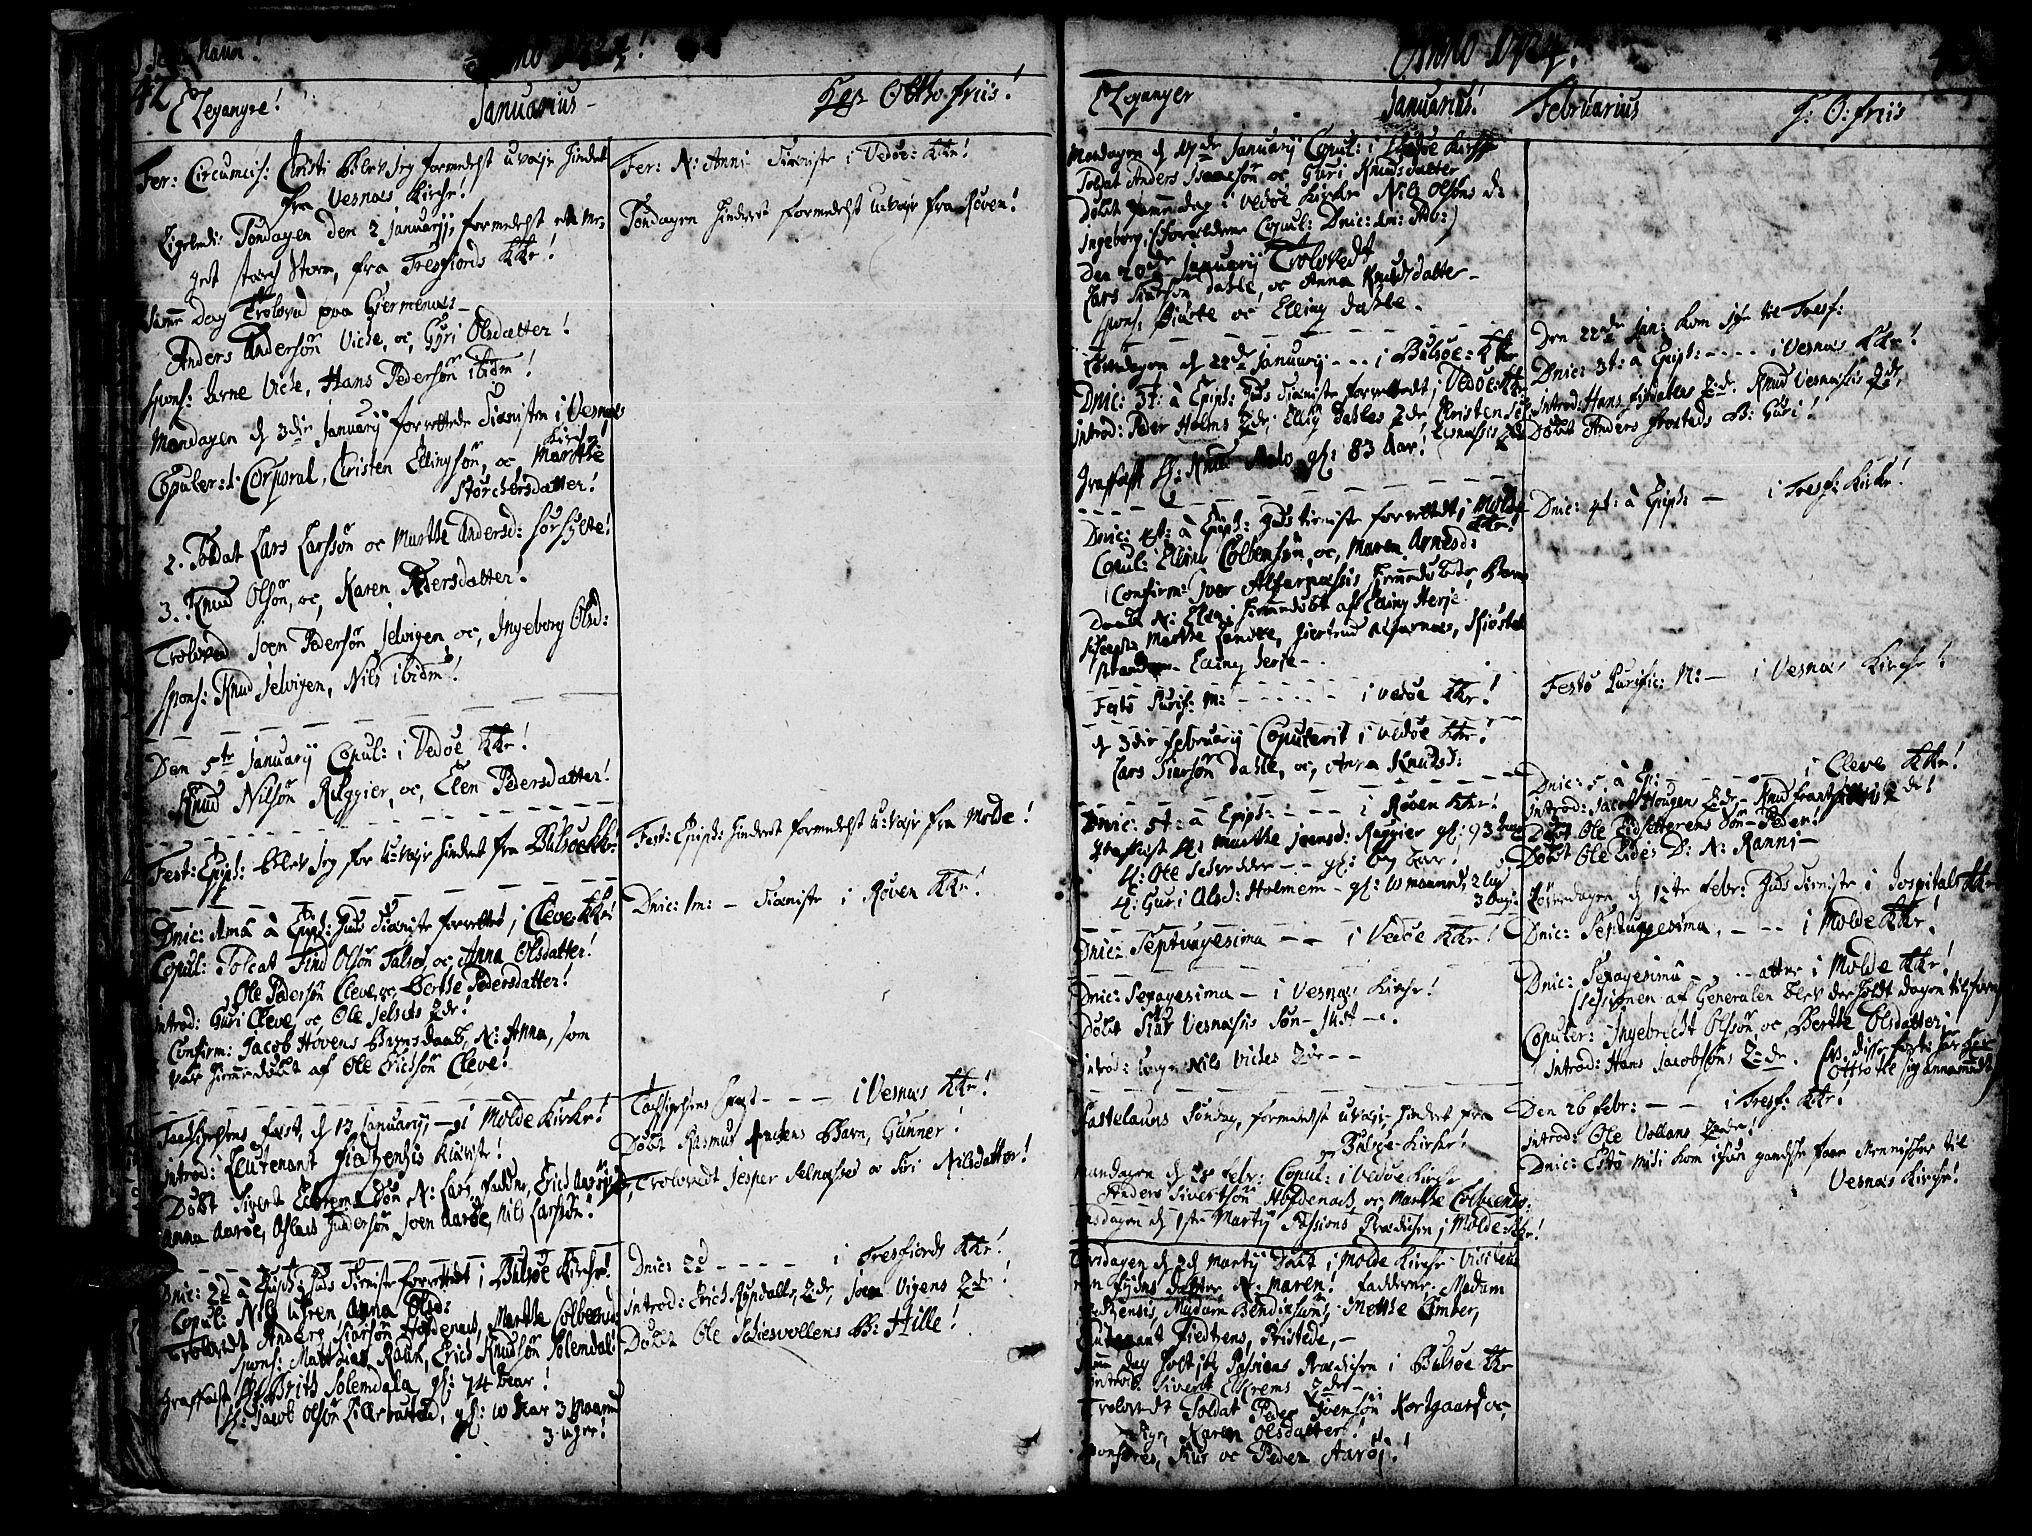 SAT, Ministerialprotokoller, klokkerbøker og fødselsregistre - Møre og Romsdal, 547/L0599: Ministerialbok nr. 547A01, 1721-1764, s. 44-45